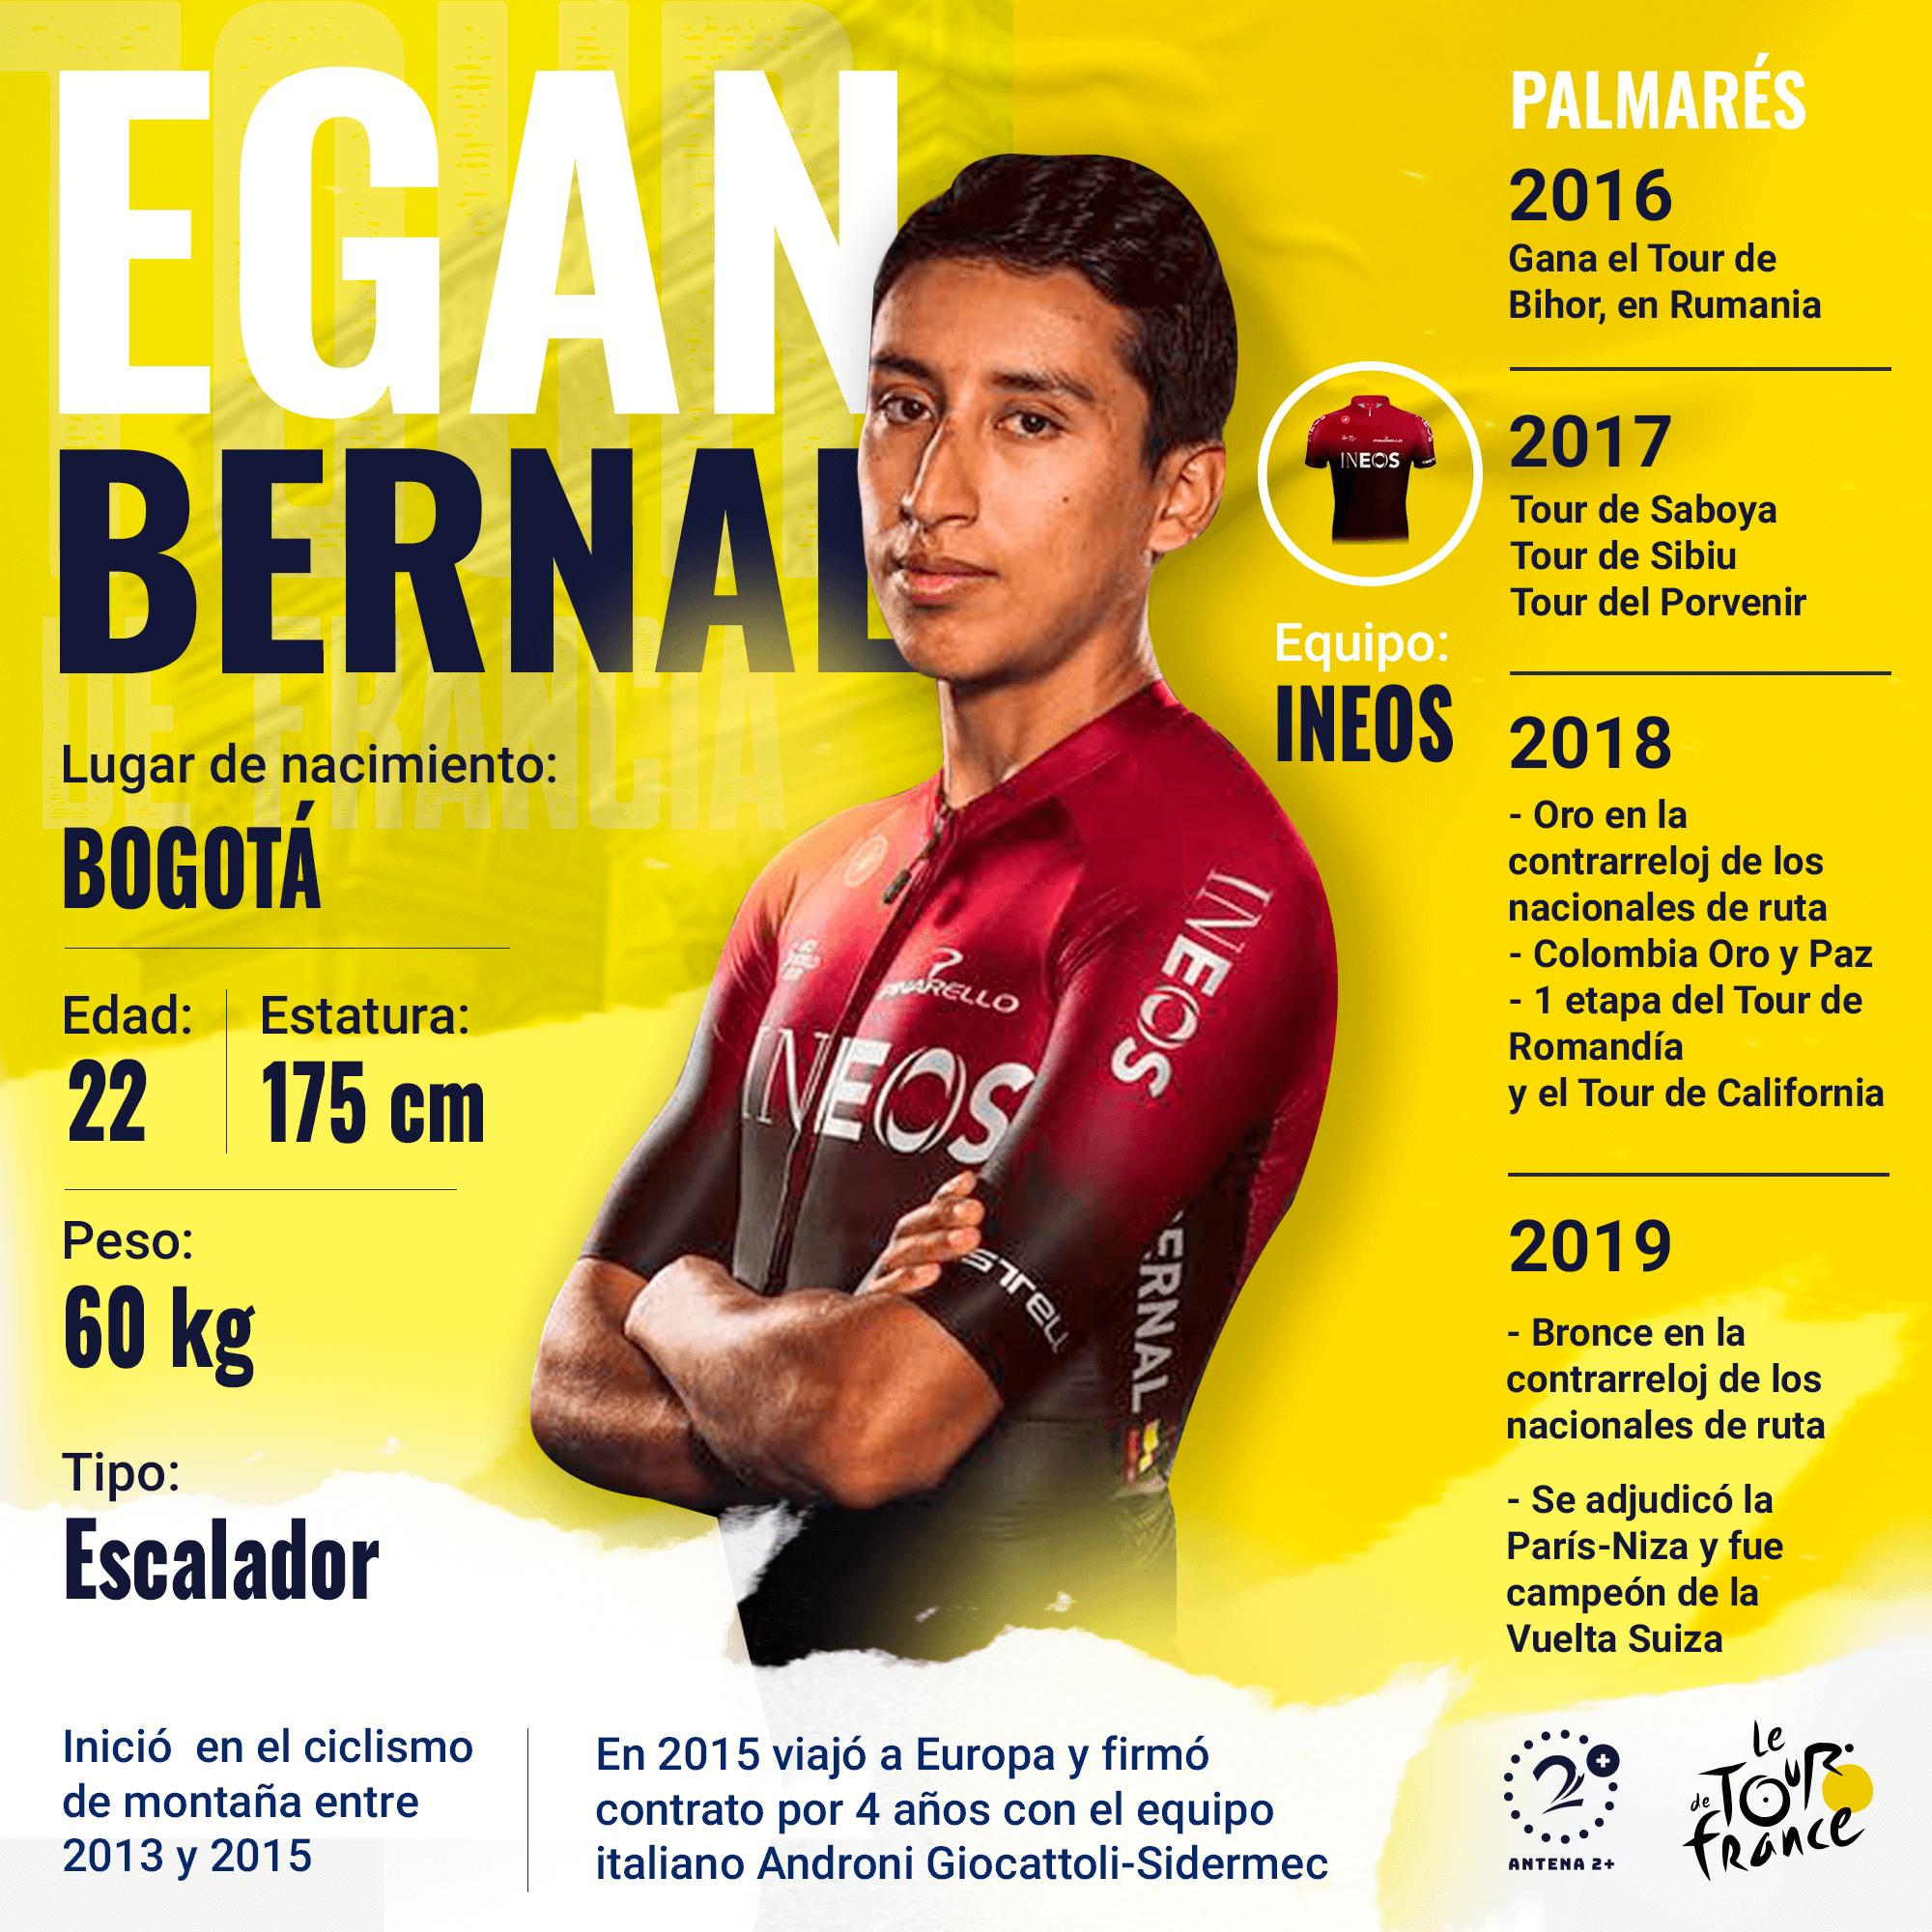 Tour de Francia - Perfiles Colombianos